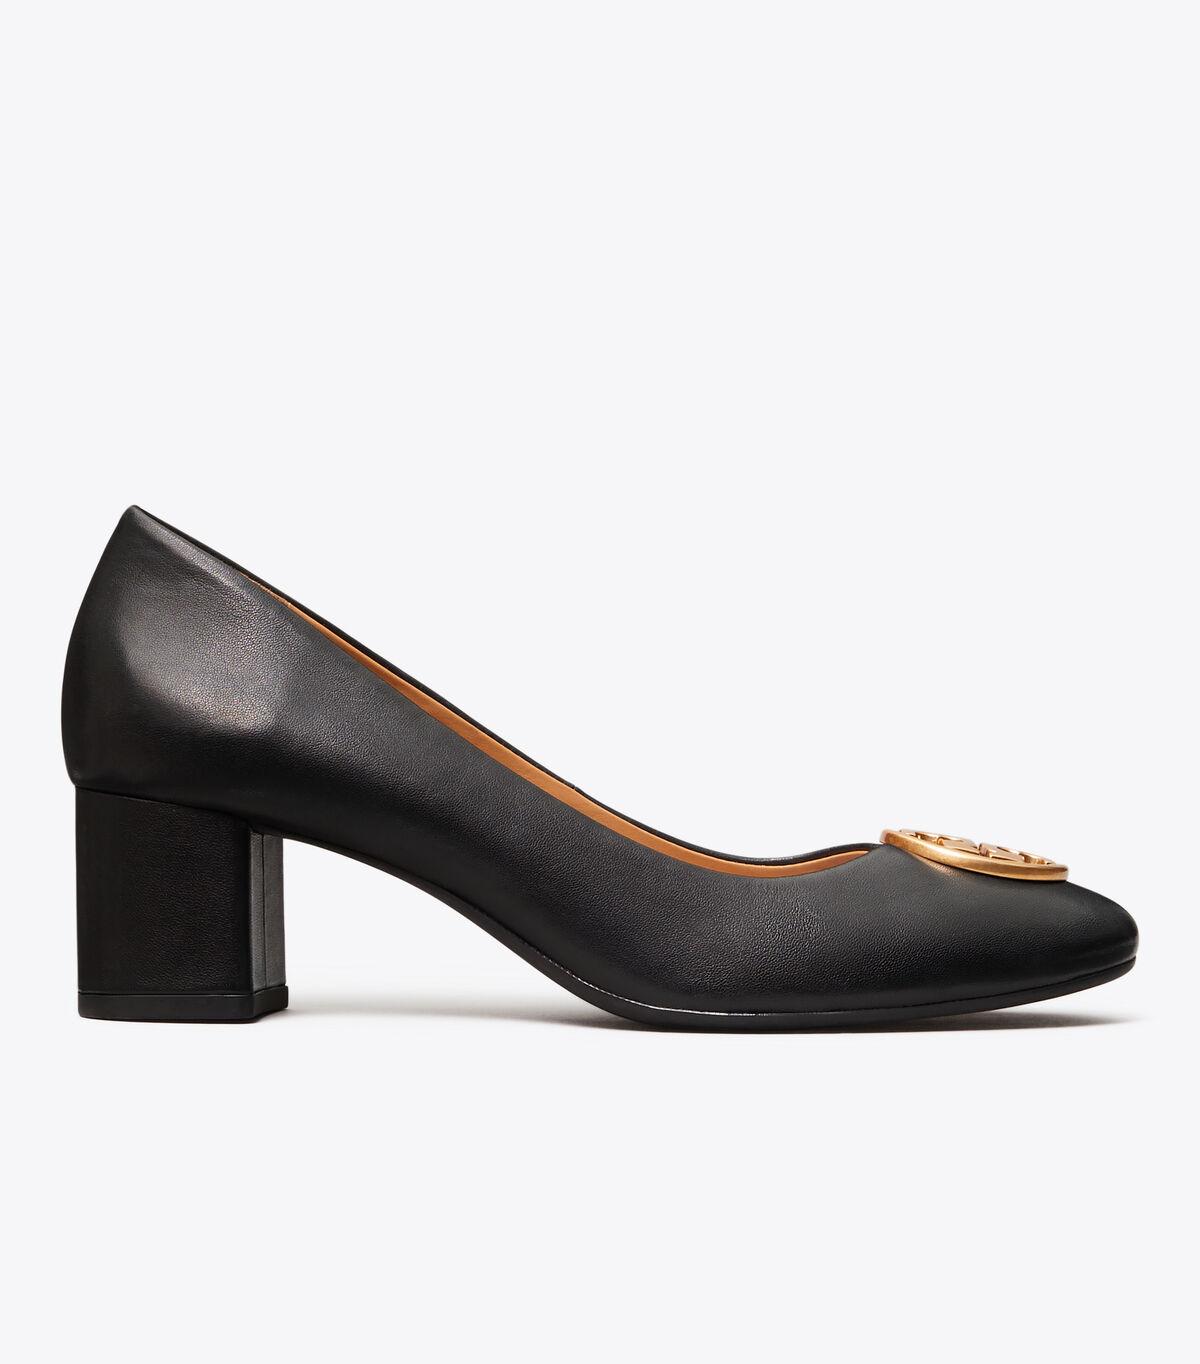 تشيلسي حذاء بكعب  50 مم/006/ أحذية بكعب